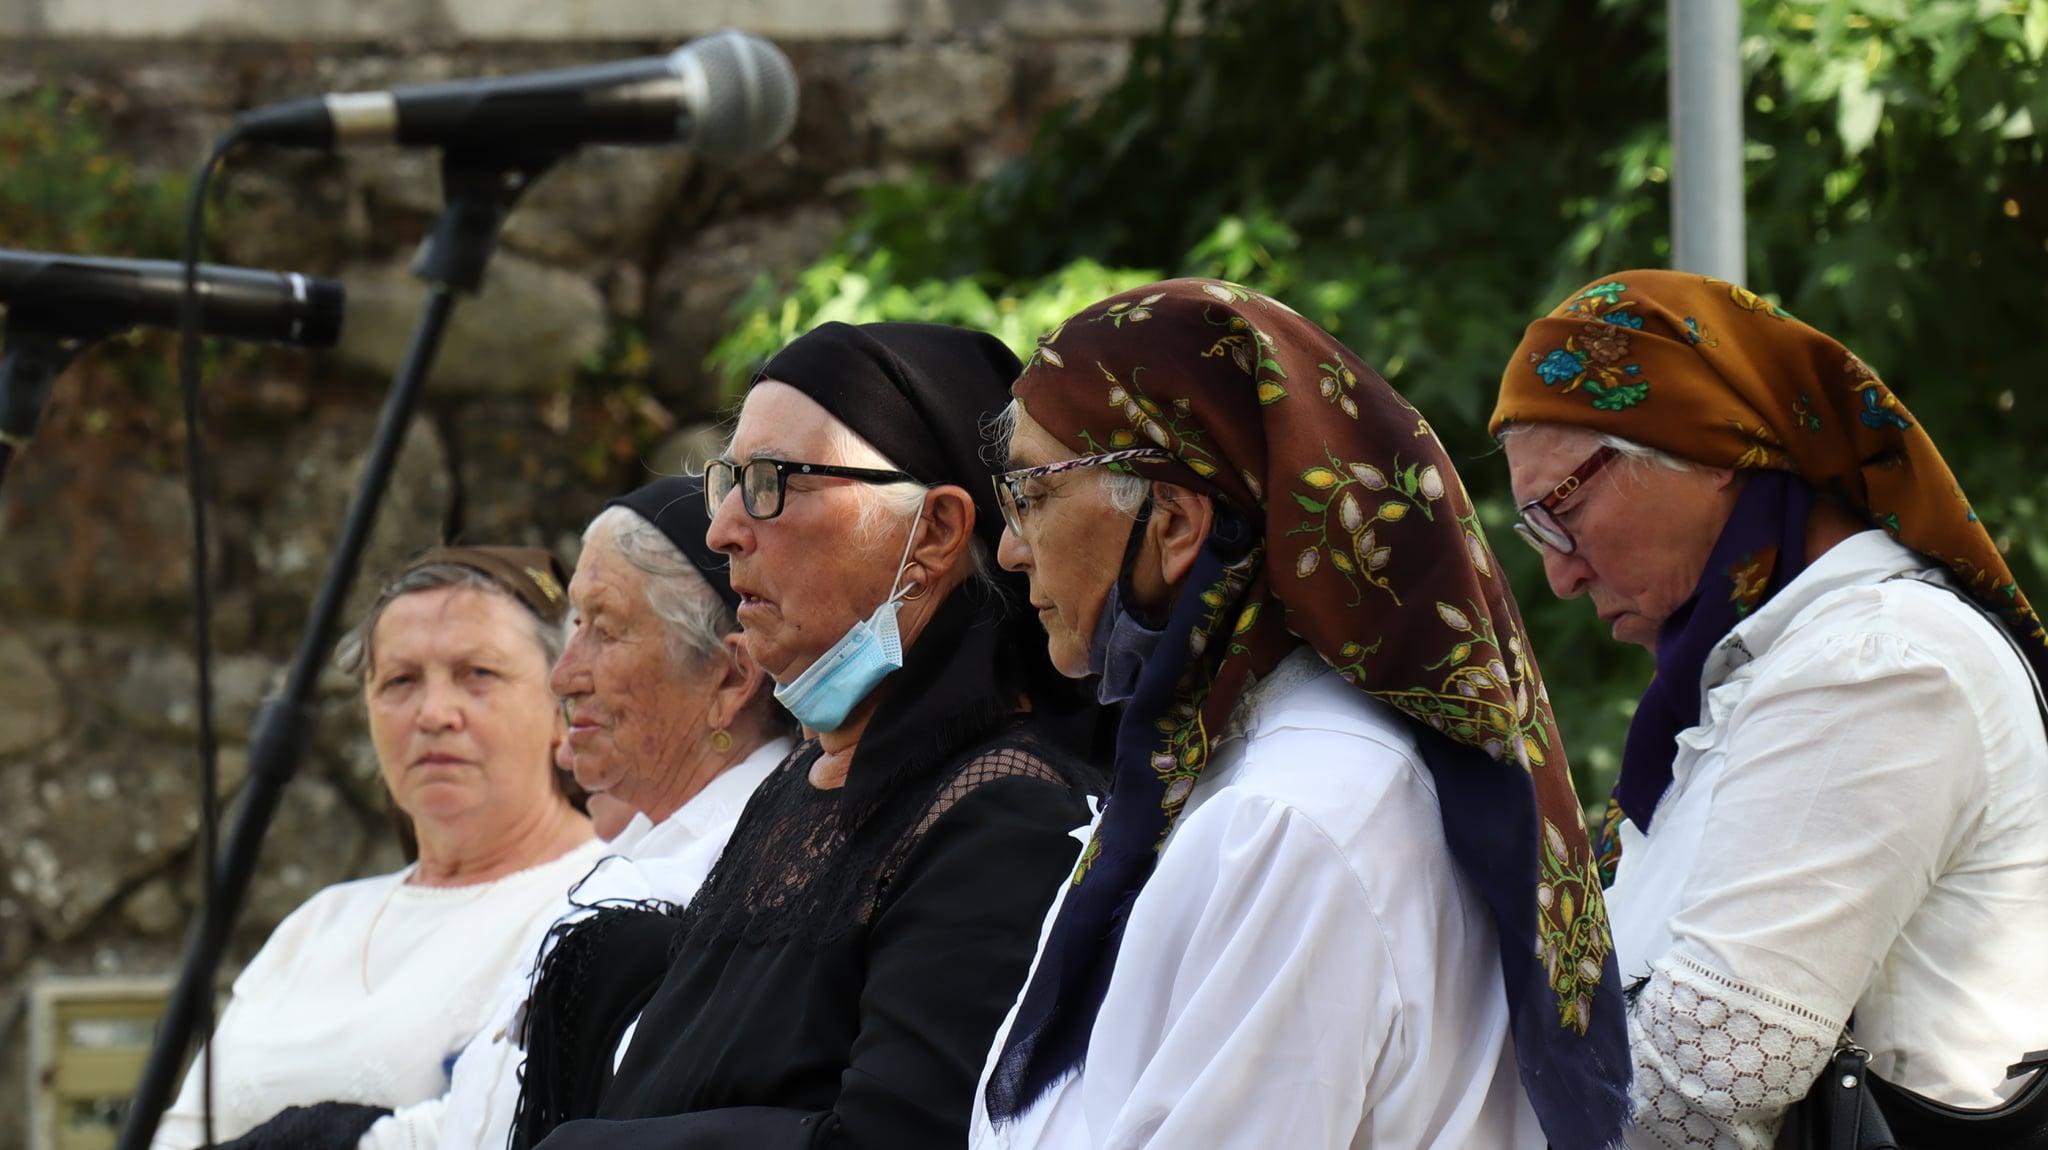 grupo de folclore lafões genérico